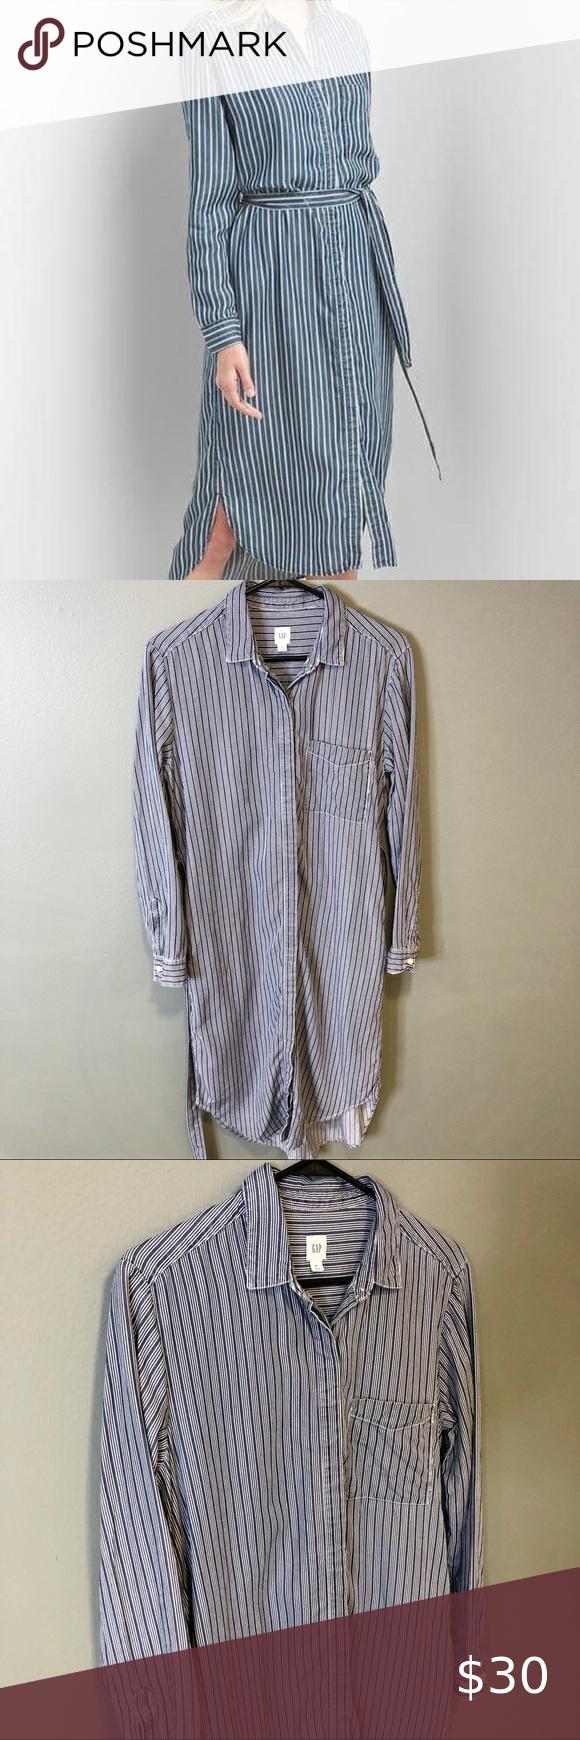 Gap Long Sleeve Button Down Dress Button Down Dress White Striped Dress Dresses [ 1740 x 580 Pixel ]